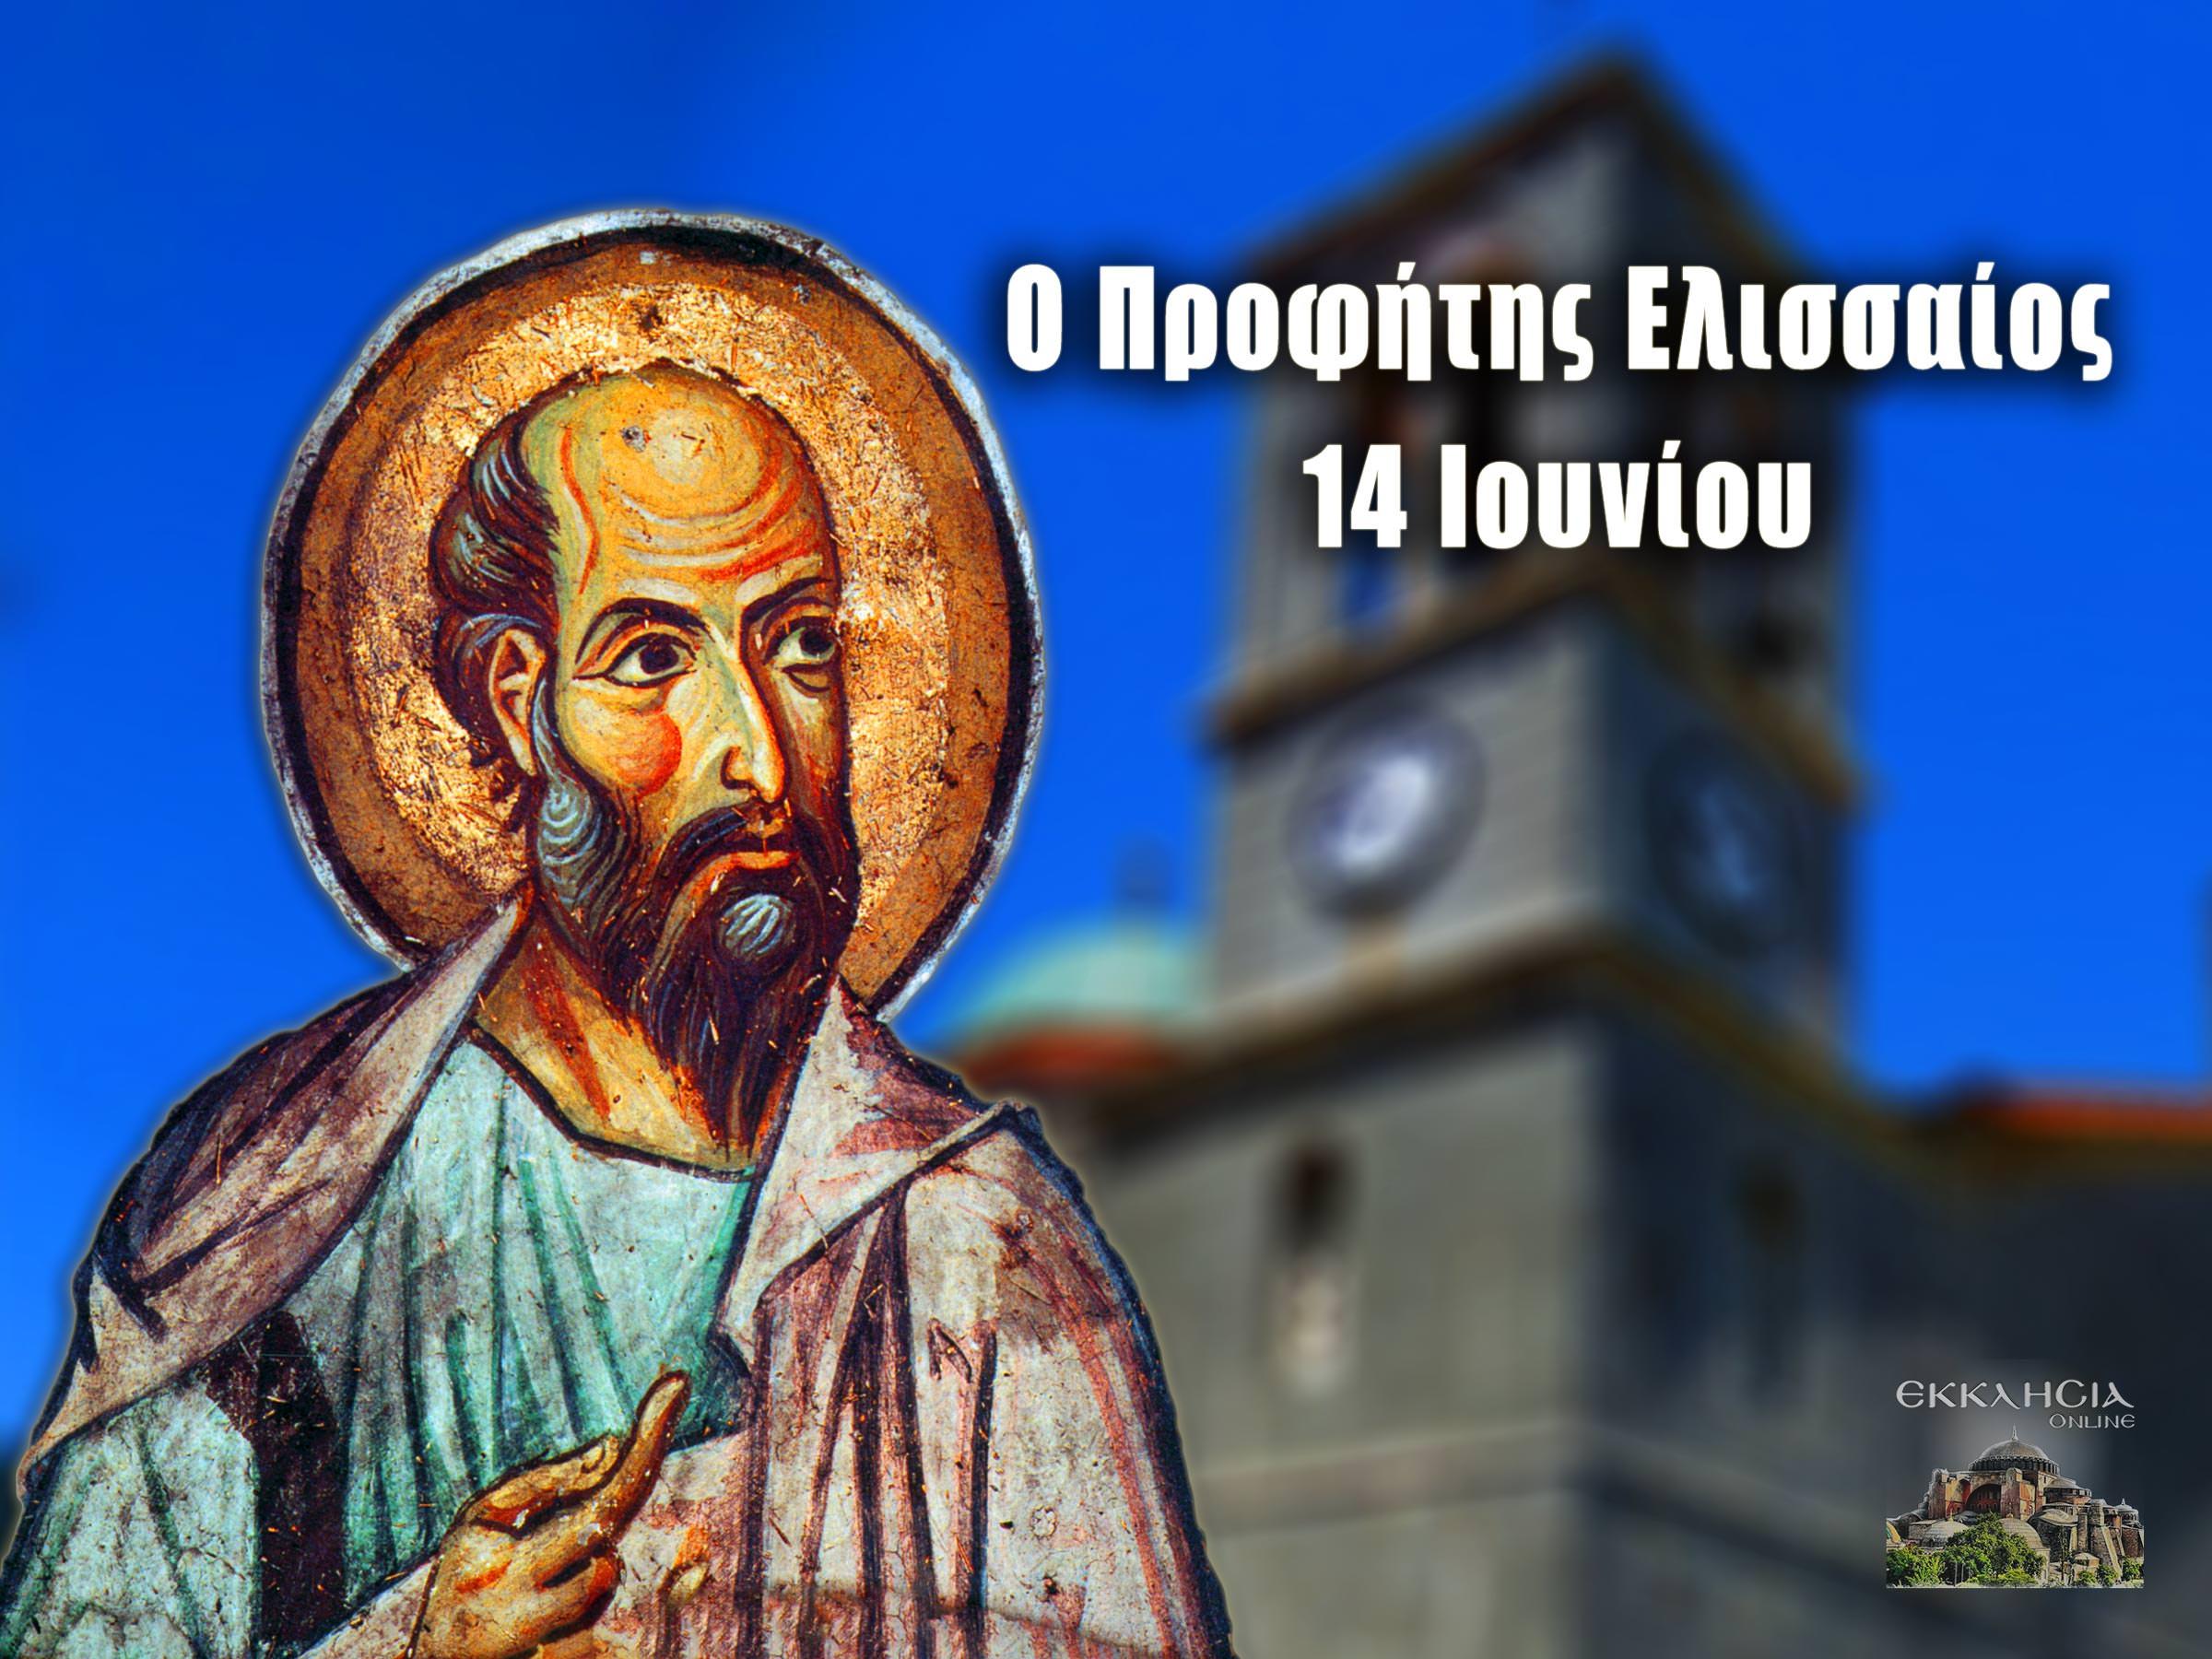 Προφήτης Ελισσαίος 14 Ιουνίου